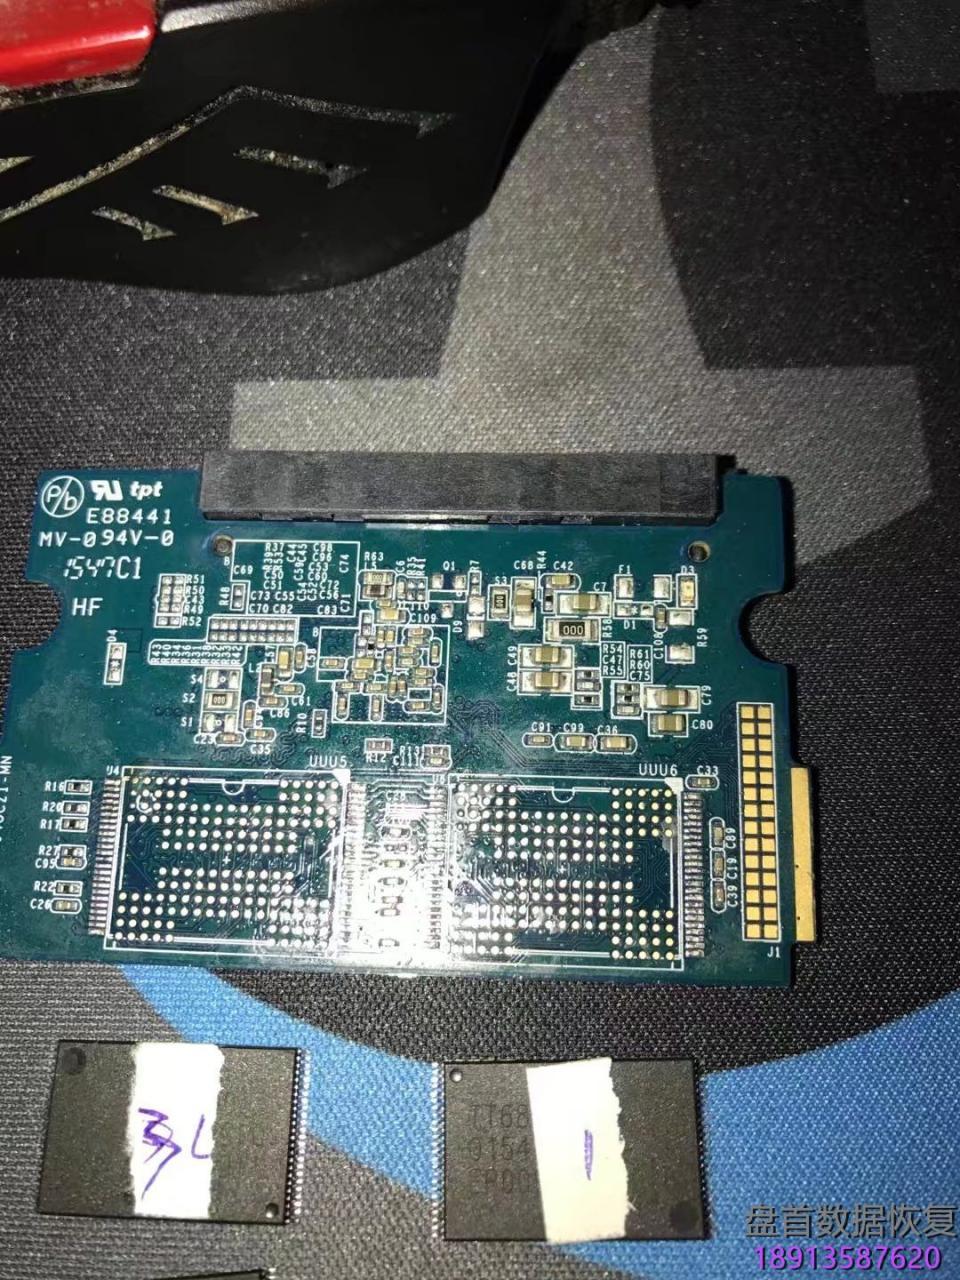 影驰铁甲战将系列120G固态硬盘掉盘无法识别不读盘PS3109主控芯片读取Flash芯片恢复成功